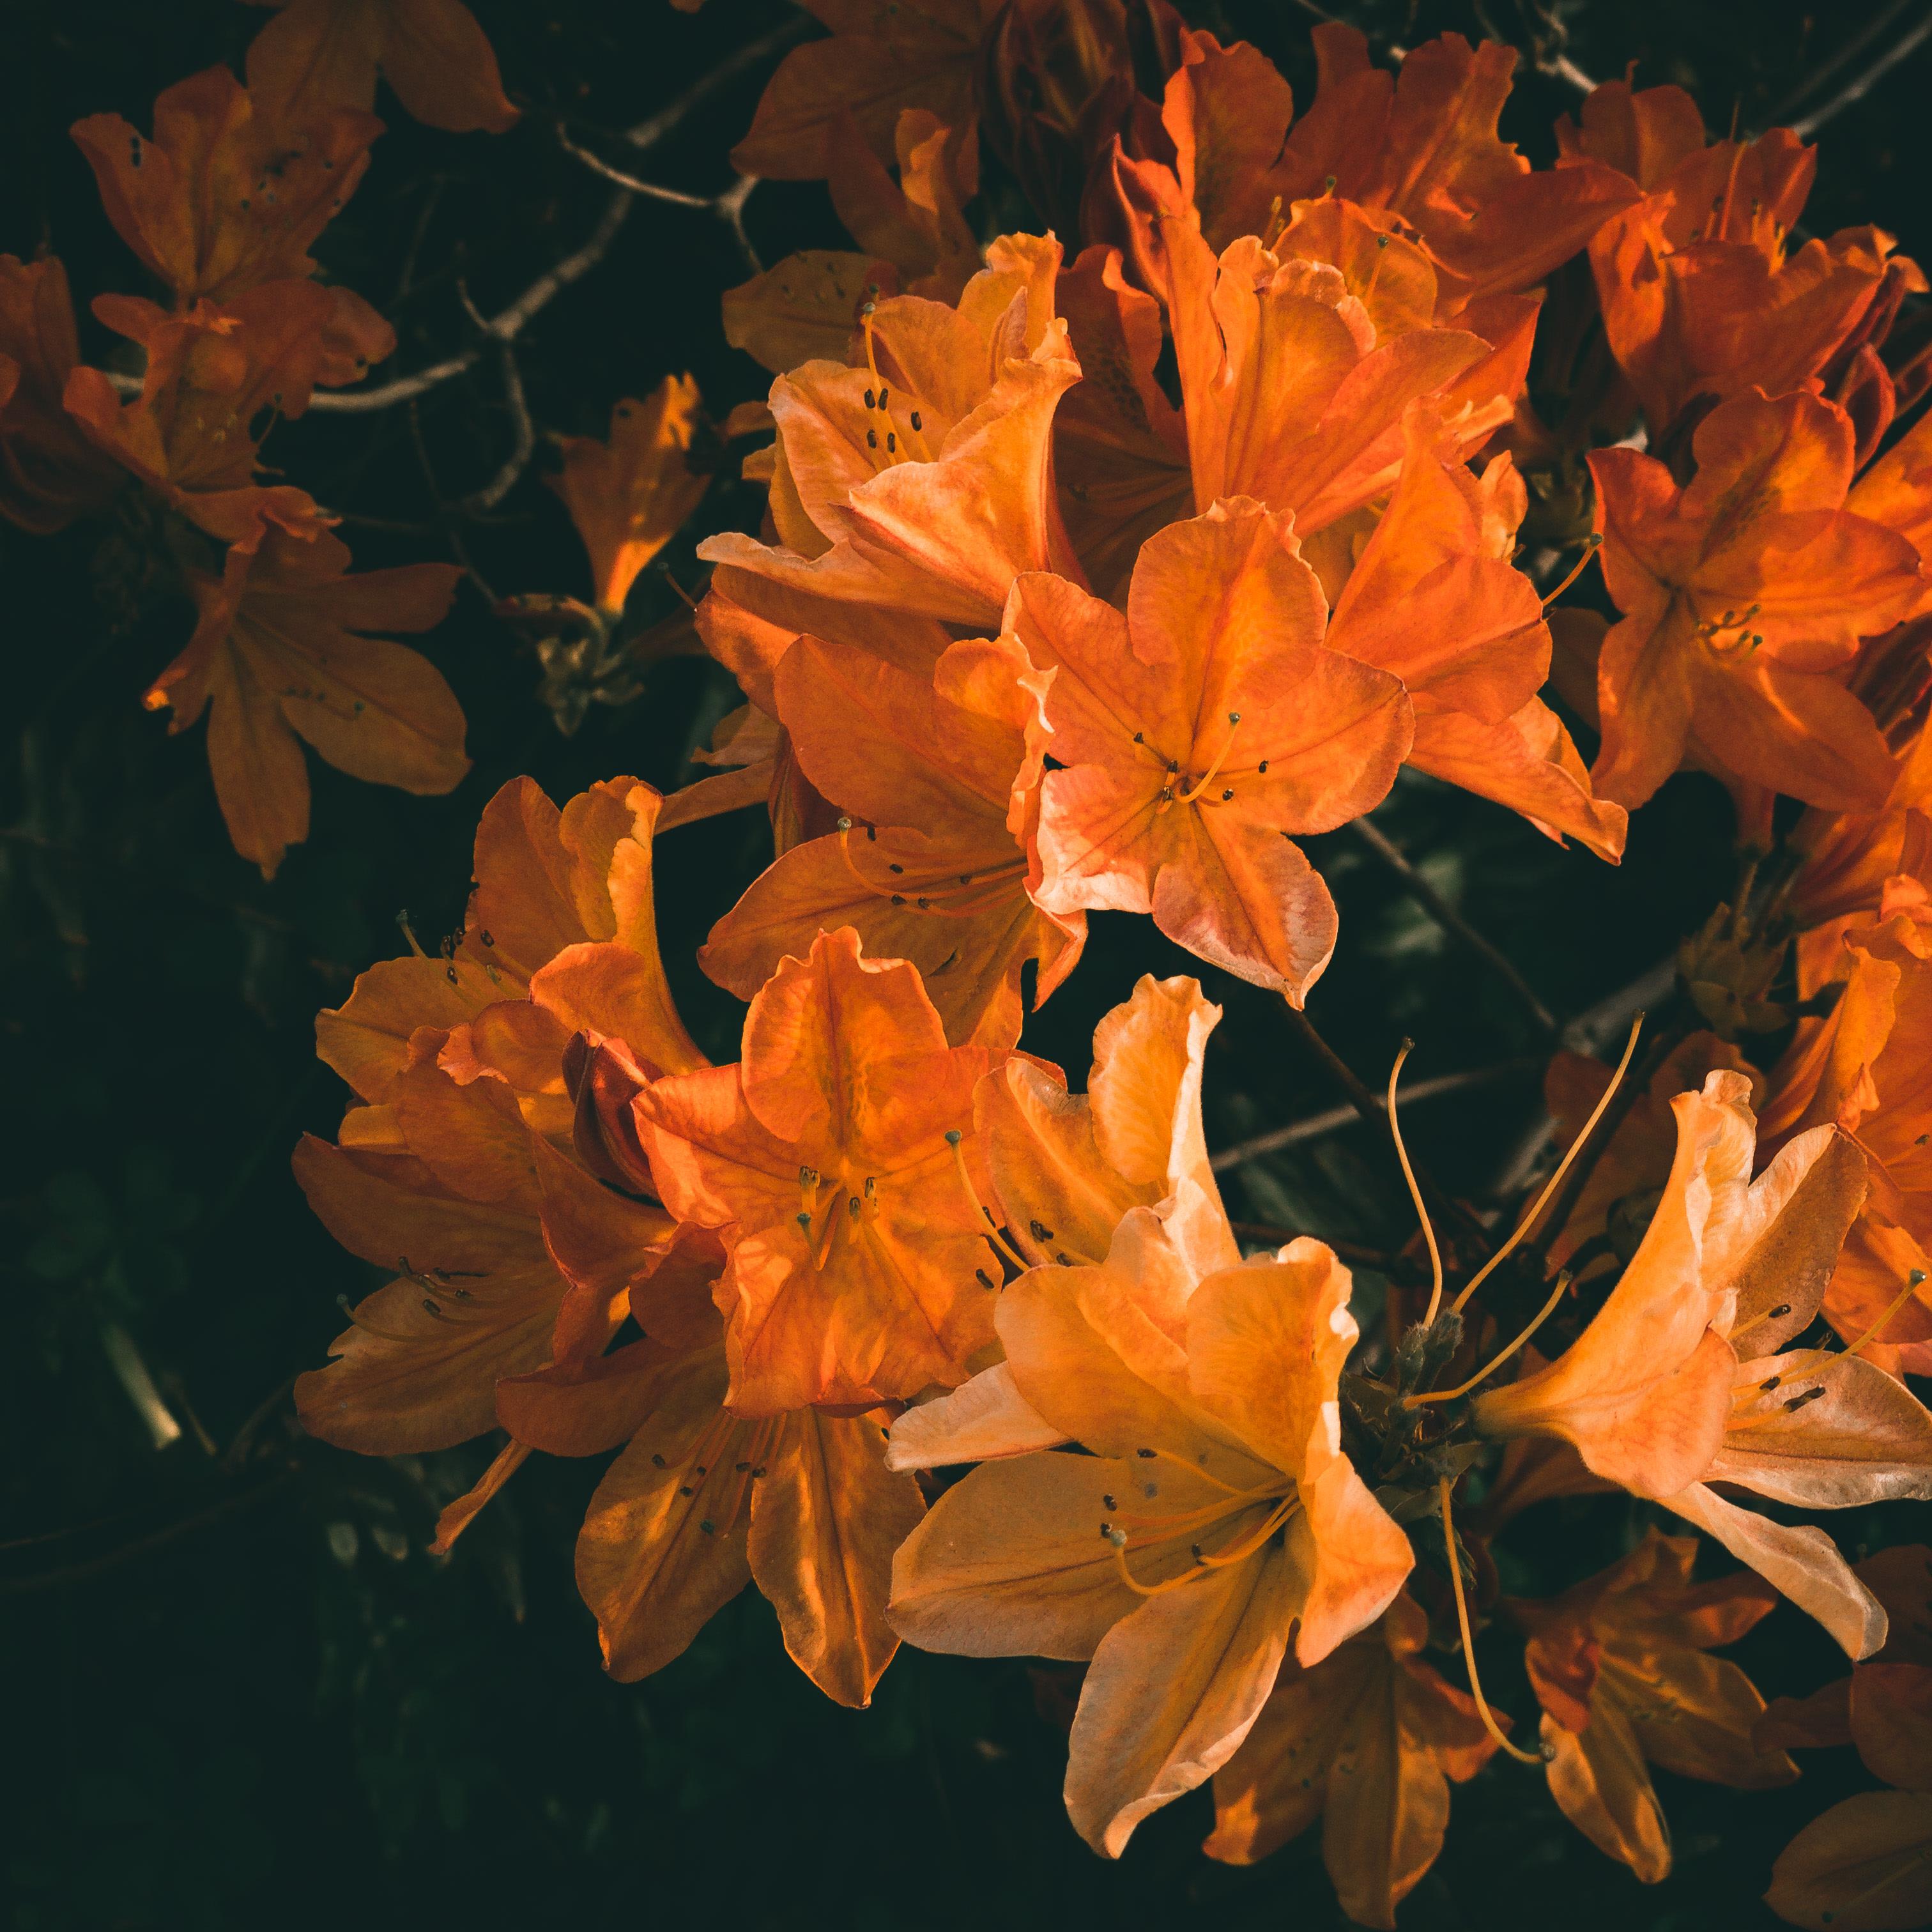 image of orangish azaleas